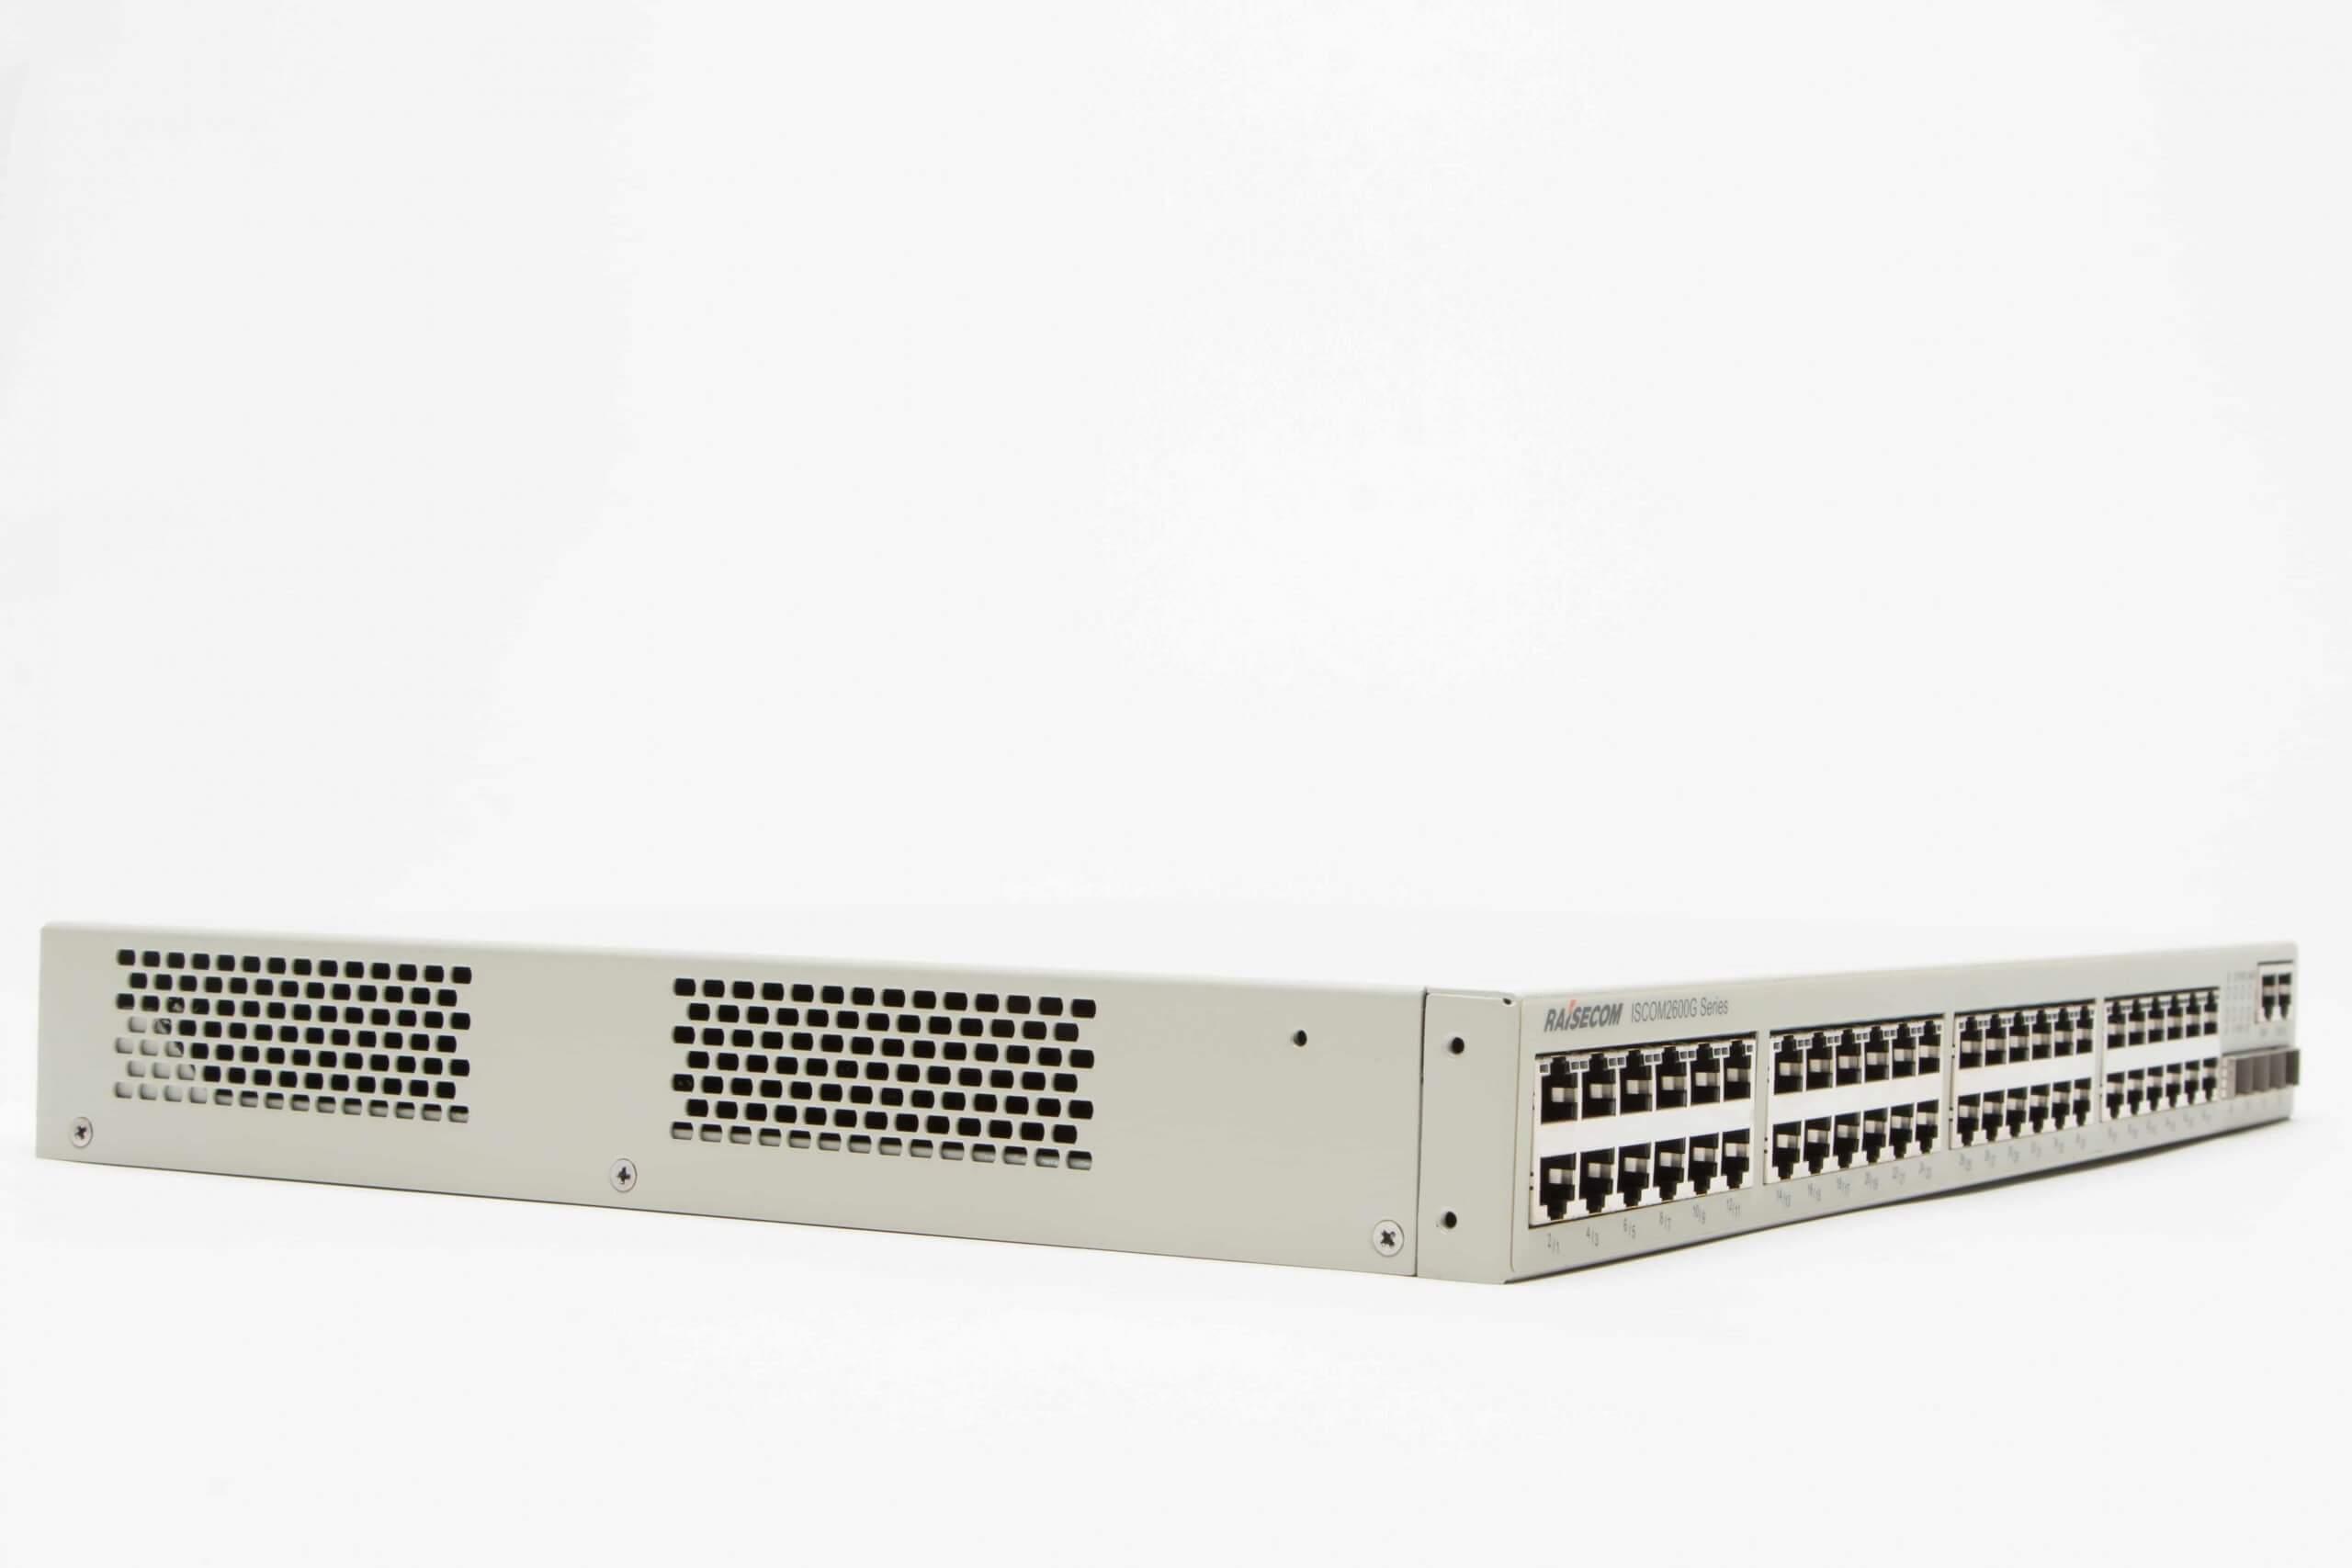 Медный L2+ коммутатор ISCOM 2648G-4C-AC